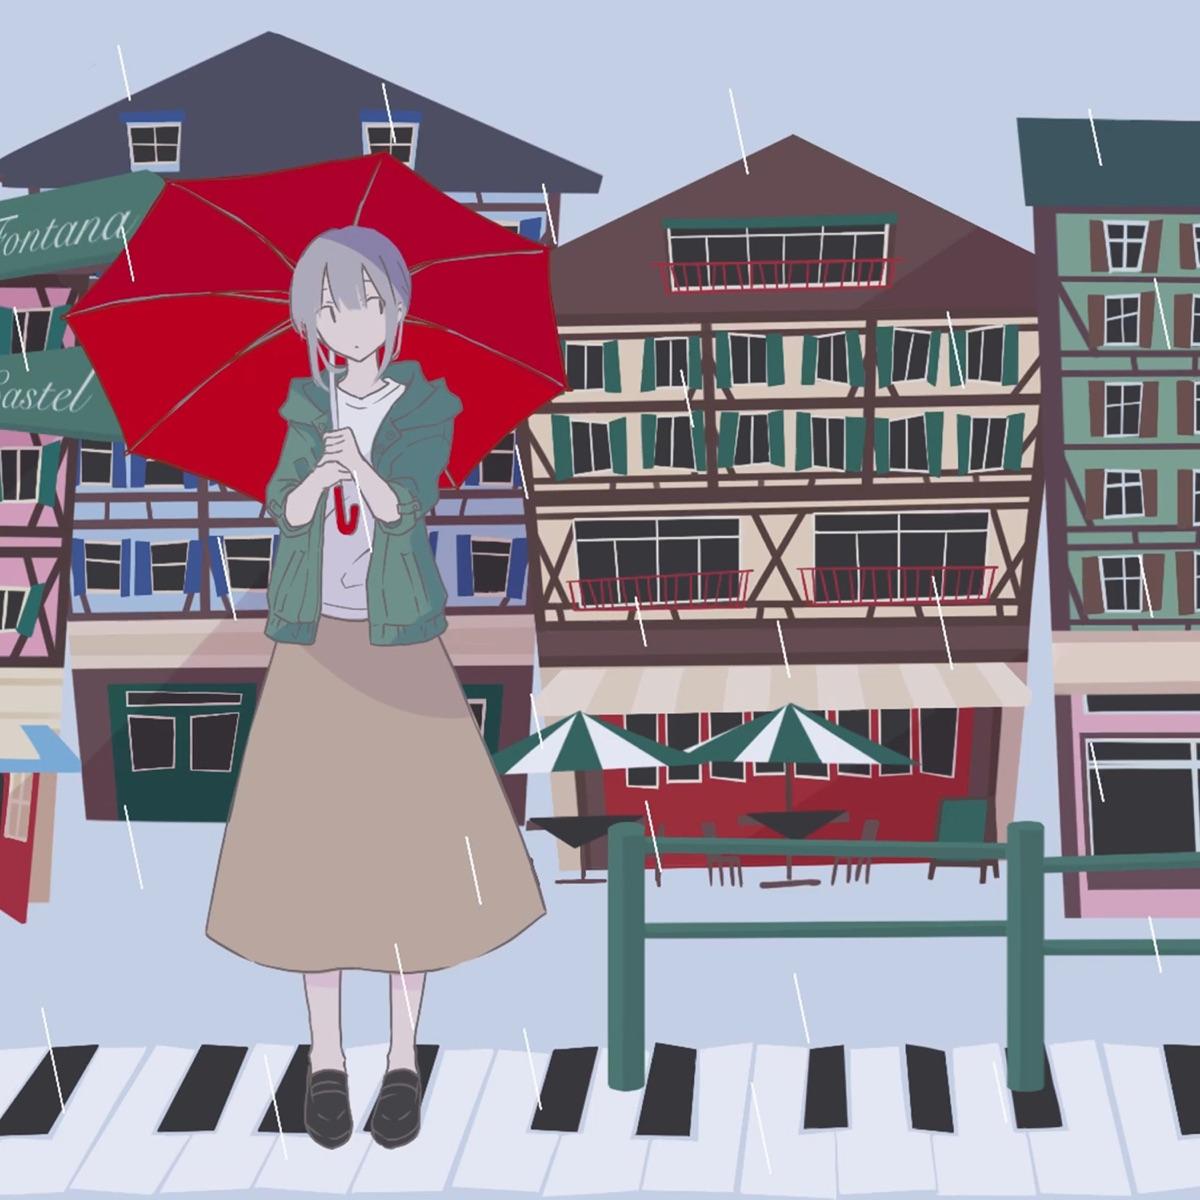 『Penthouse - 雨の日は映画のように』収録の『雨の日は映画のように』ジャケット